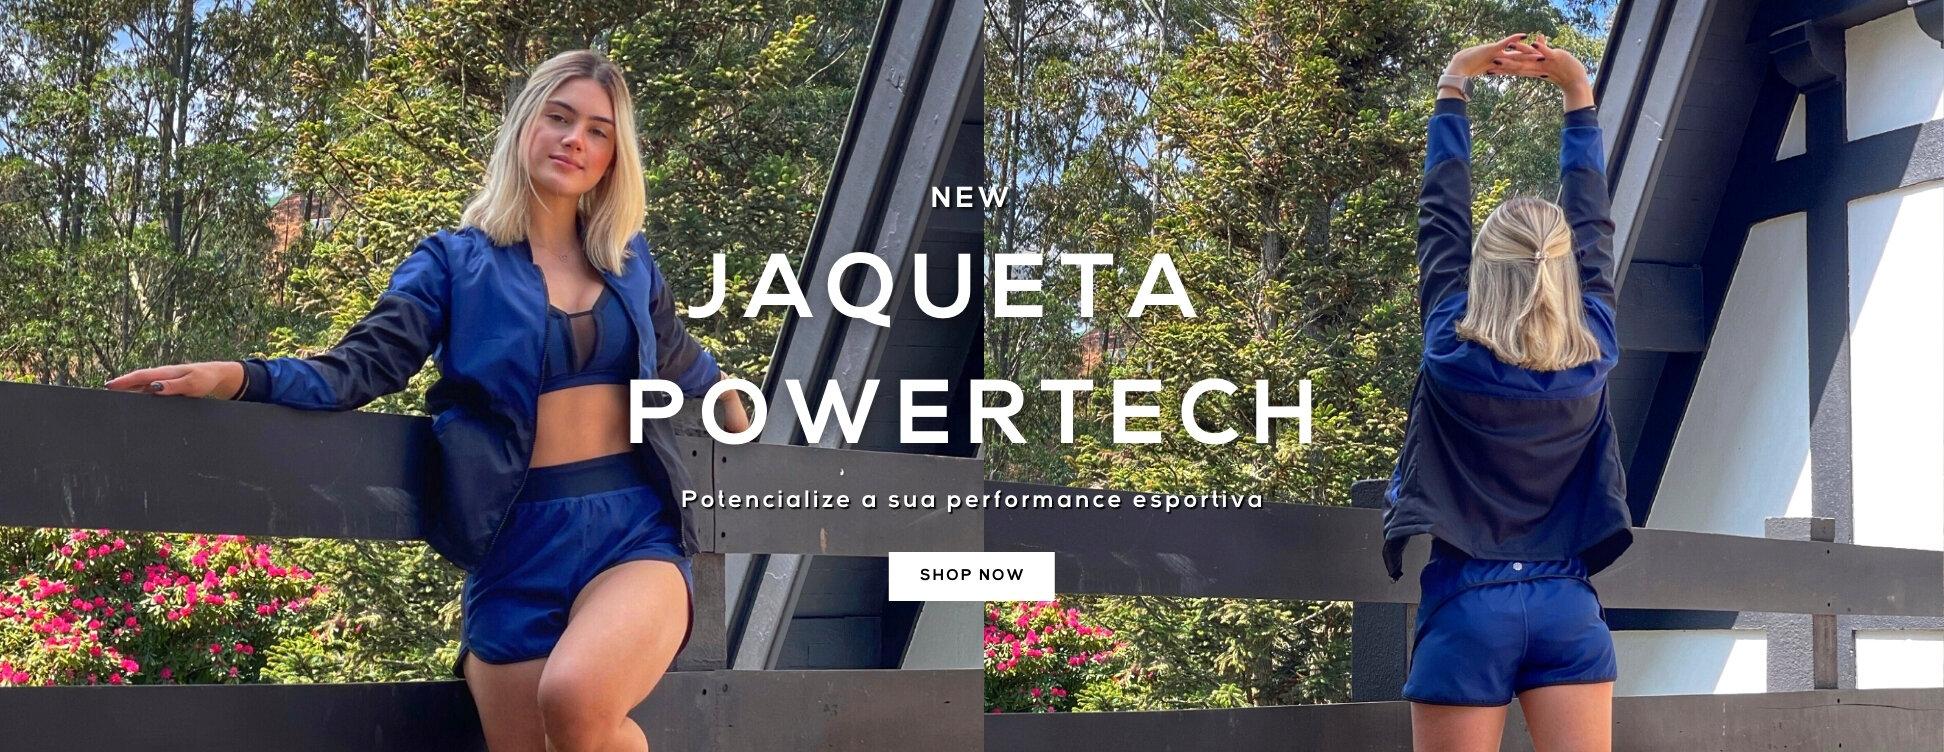 Jaqueta Powertech